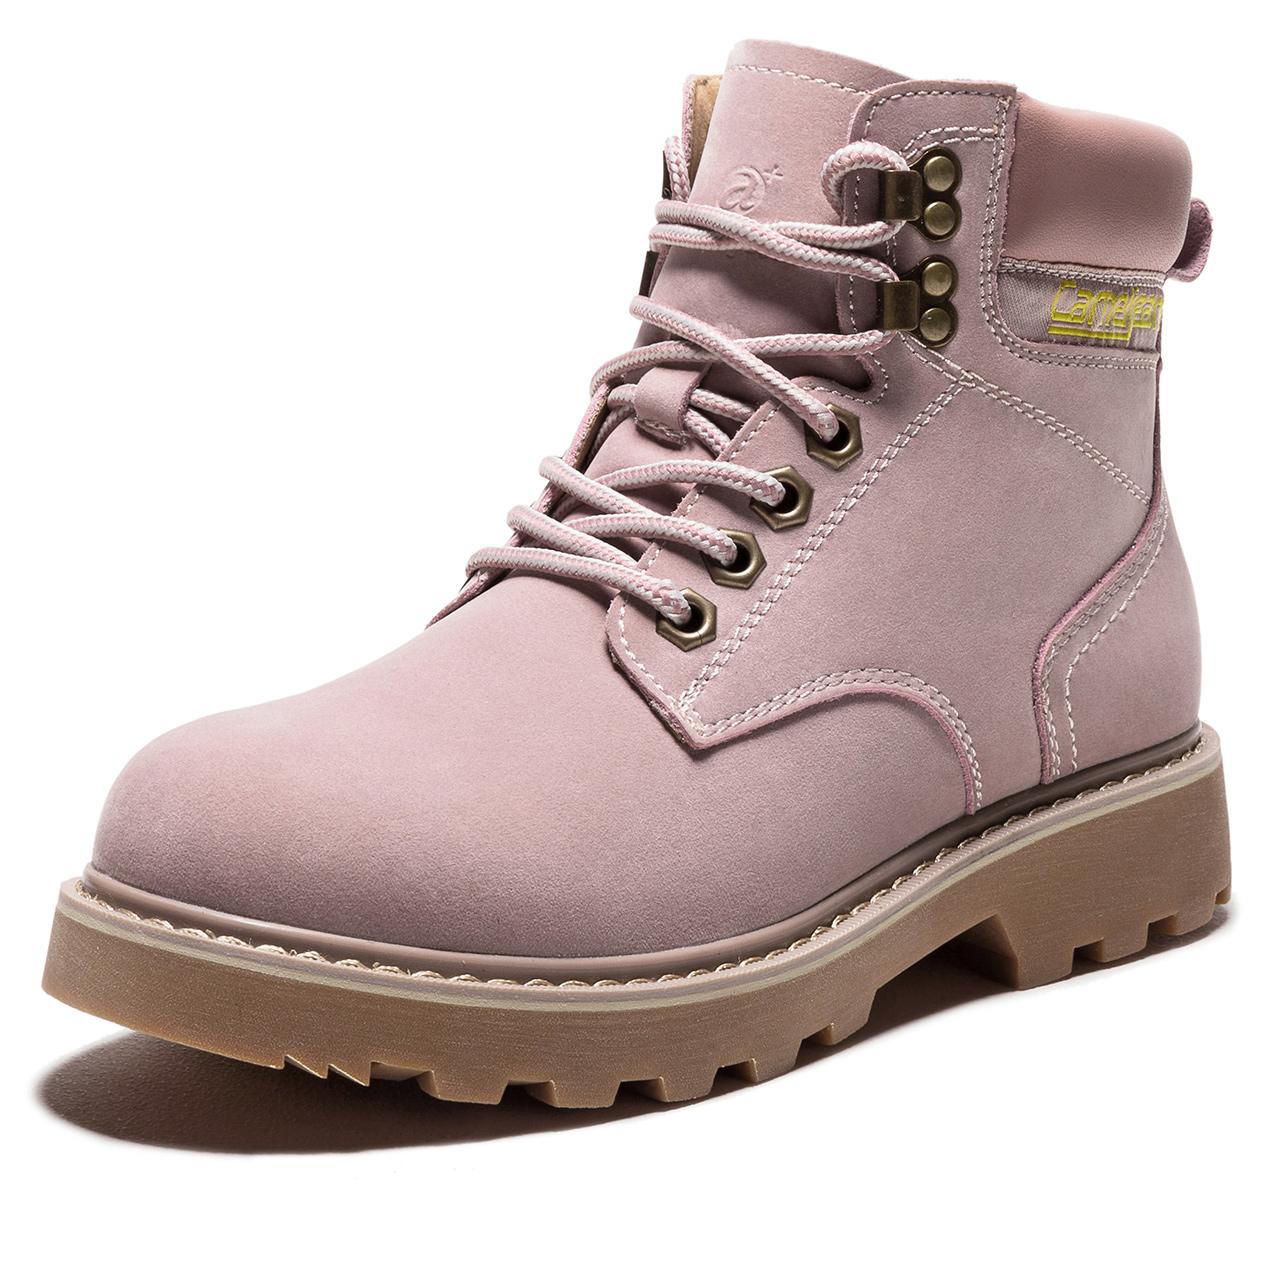 骆驼女鞋马丁靴女工装靴高帮保暖时尚百搭舒适防滑系带休闲工装鞋